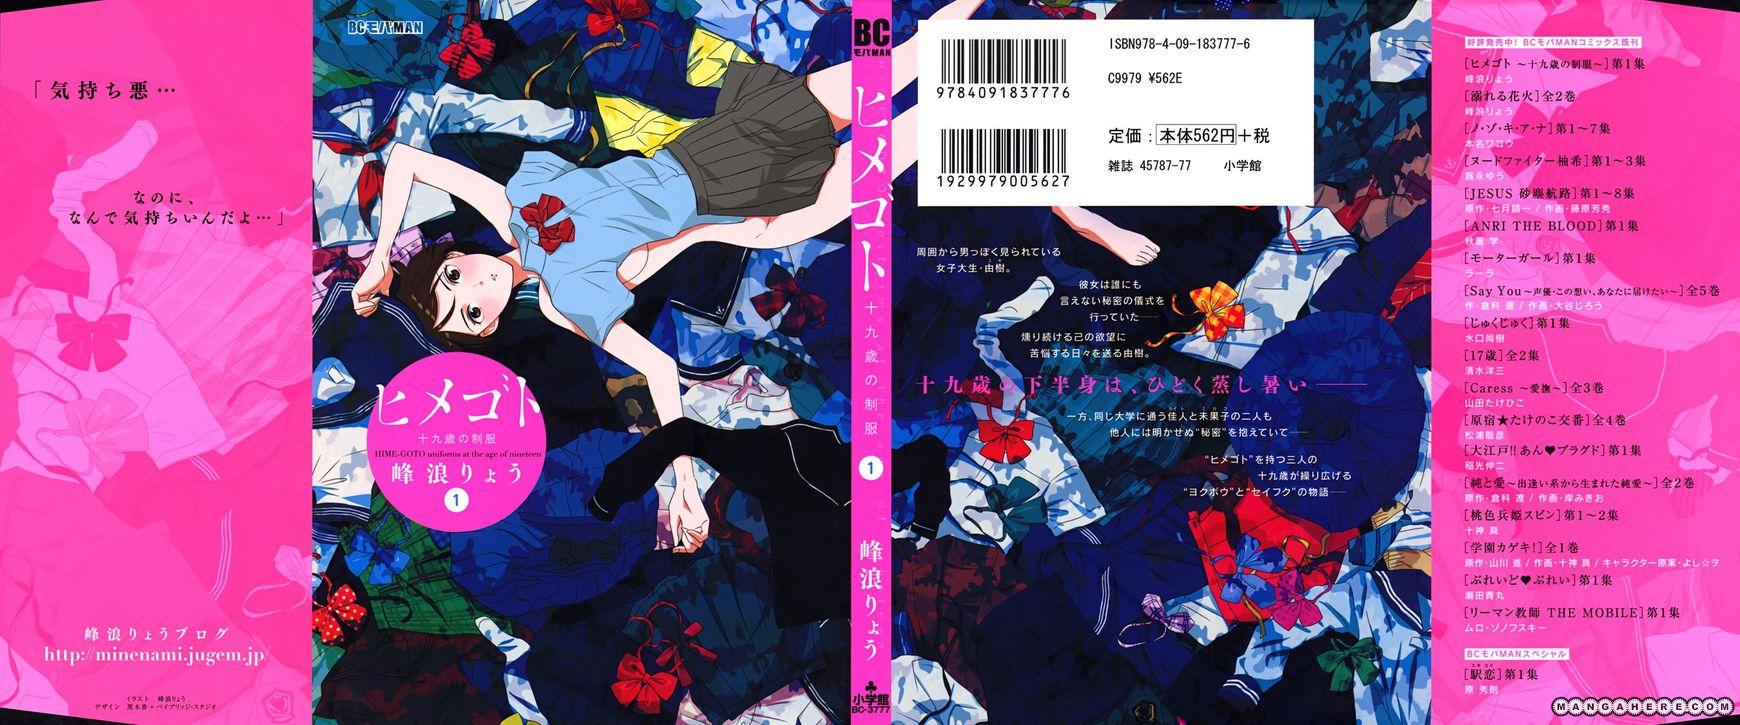 Himegoto - Juukyuusai no Seifuku 1 Page 1